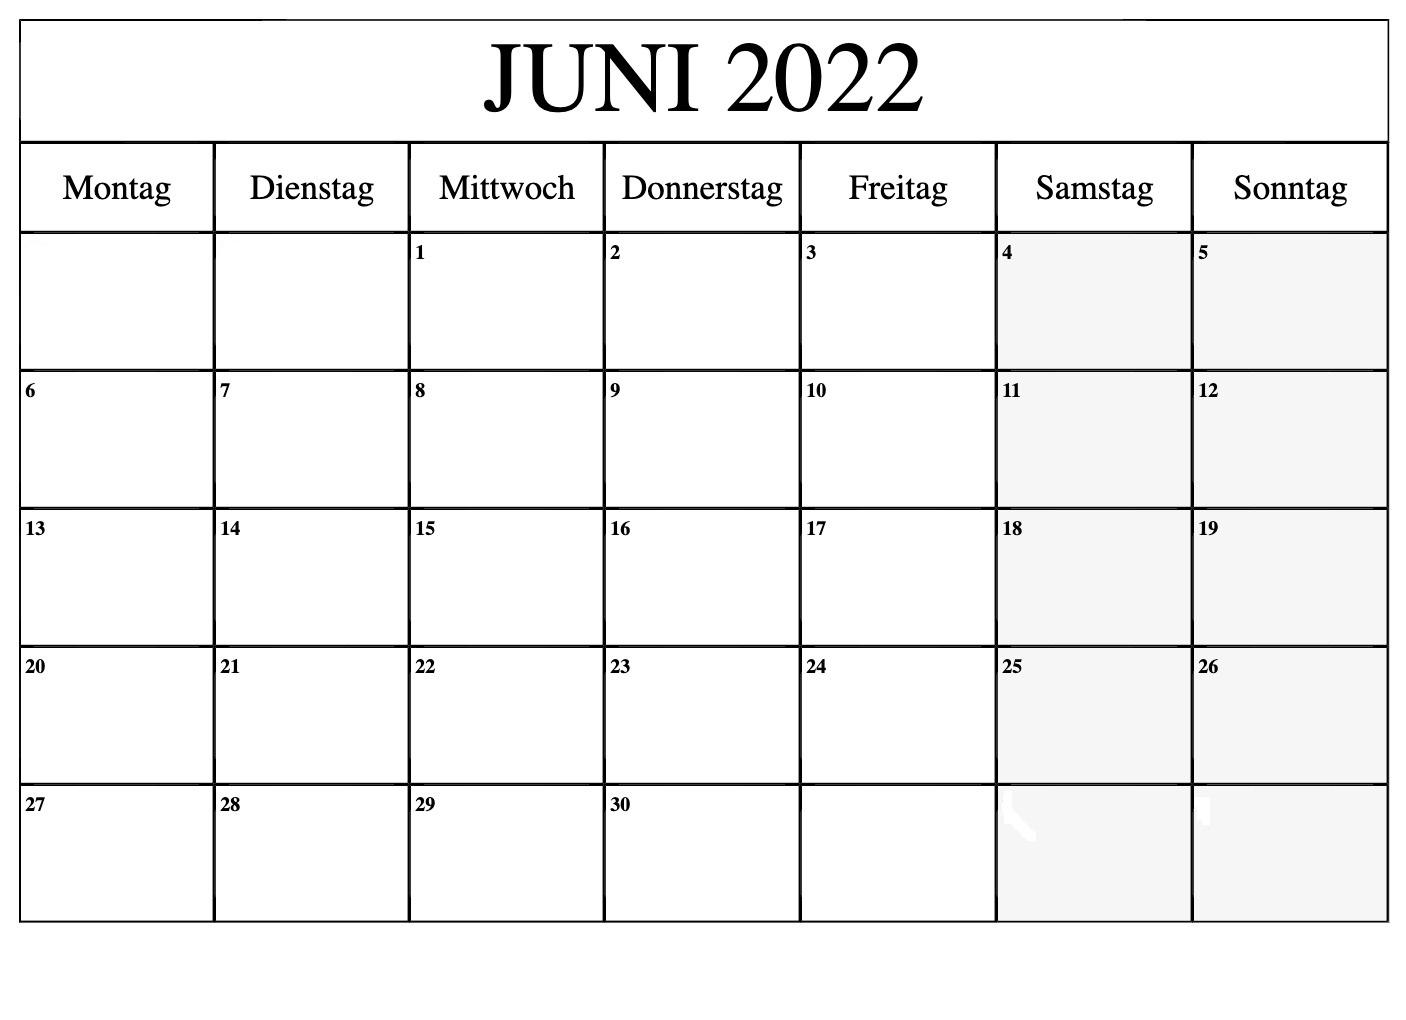 Juni 2022 Feiertags Kalender